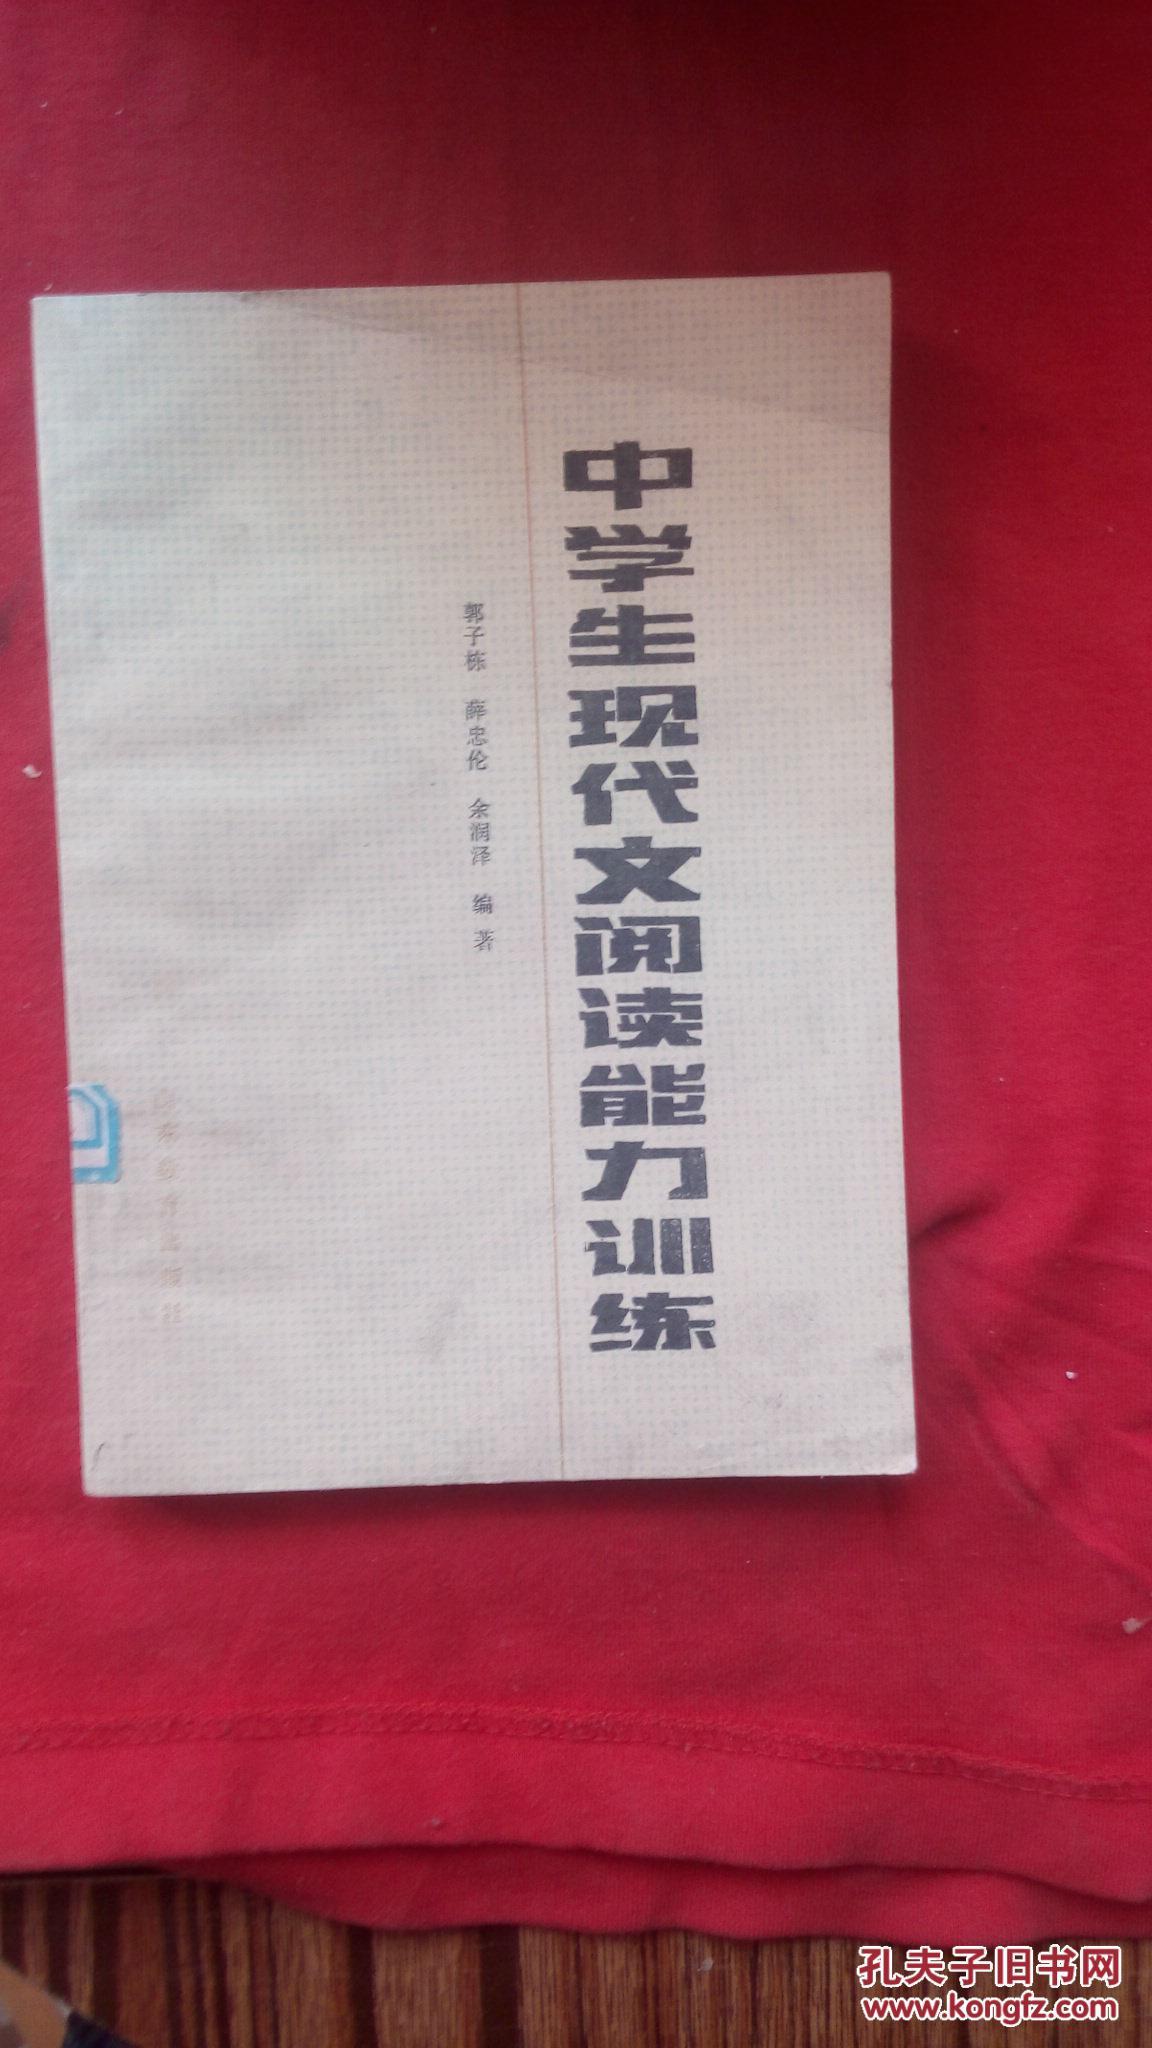 【图】中学生现代文阅读能力训练